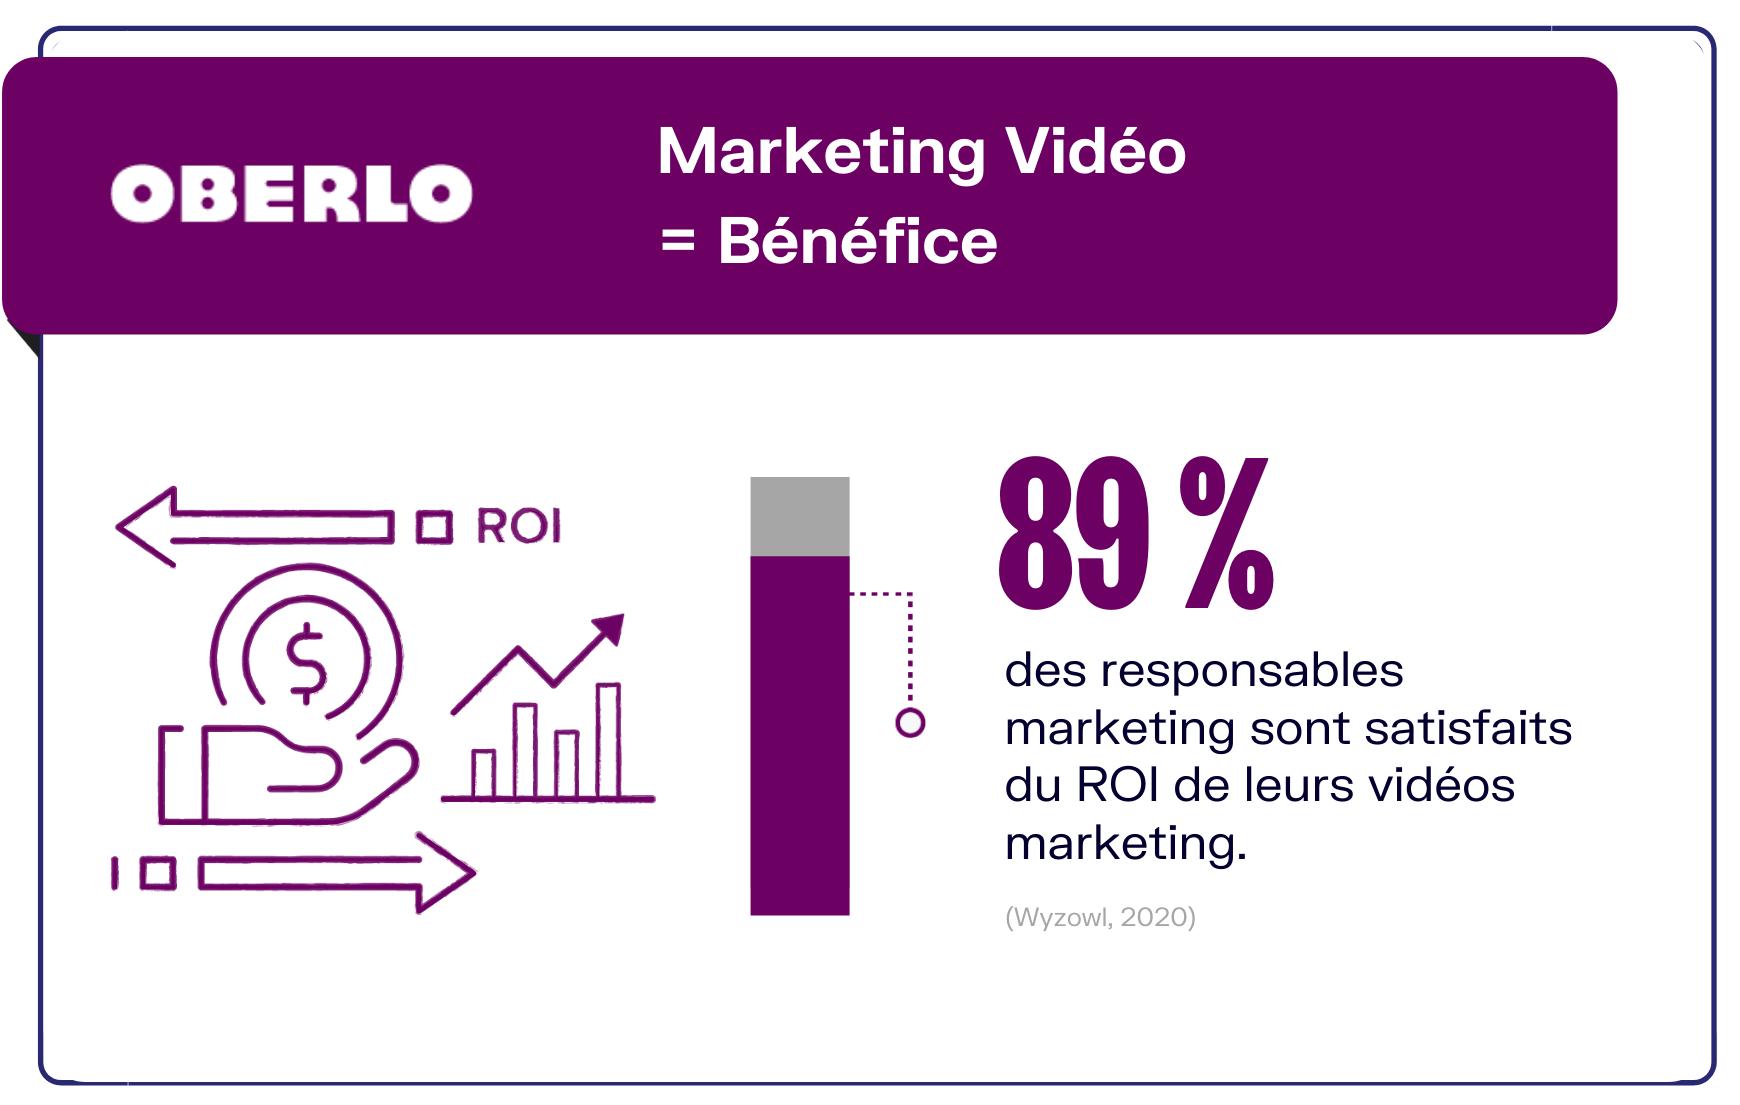 retour sur investissement marketing vidéo